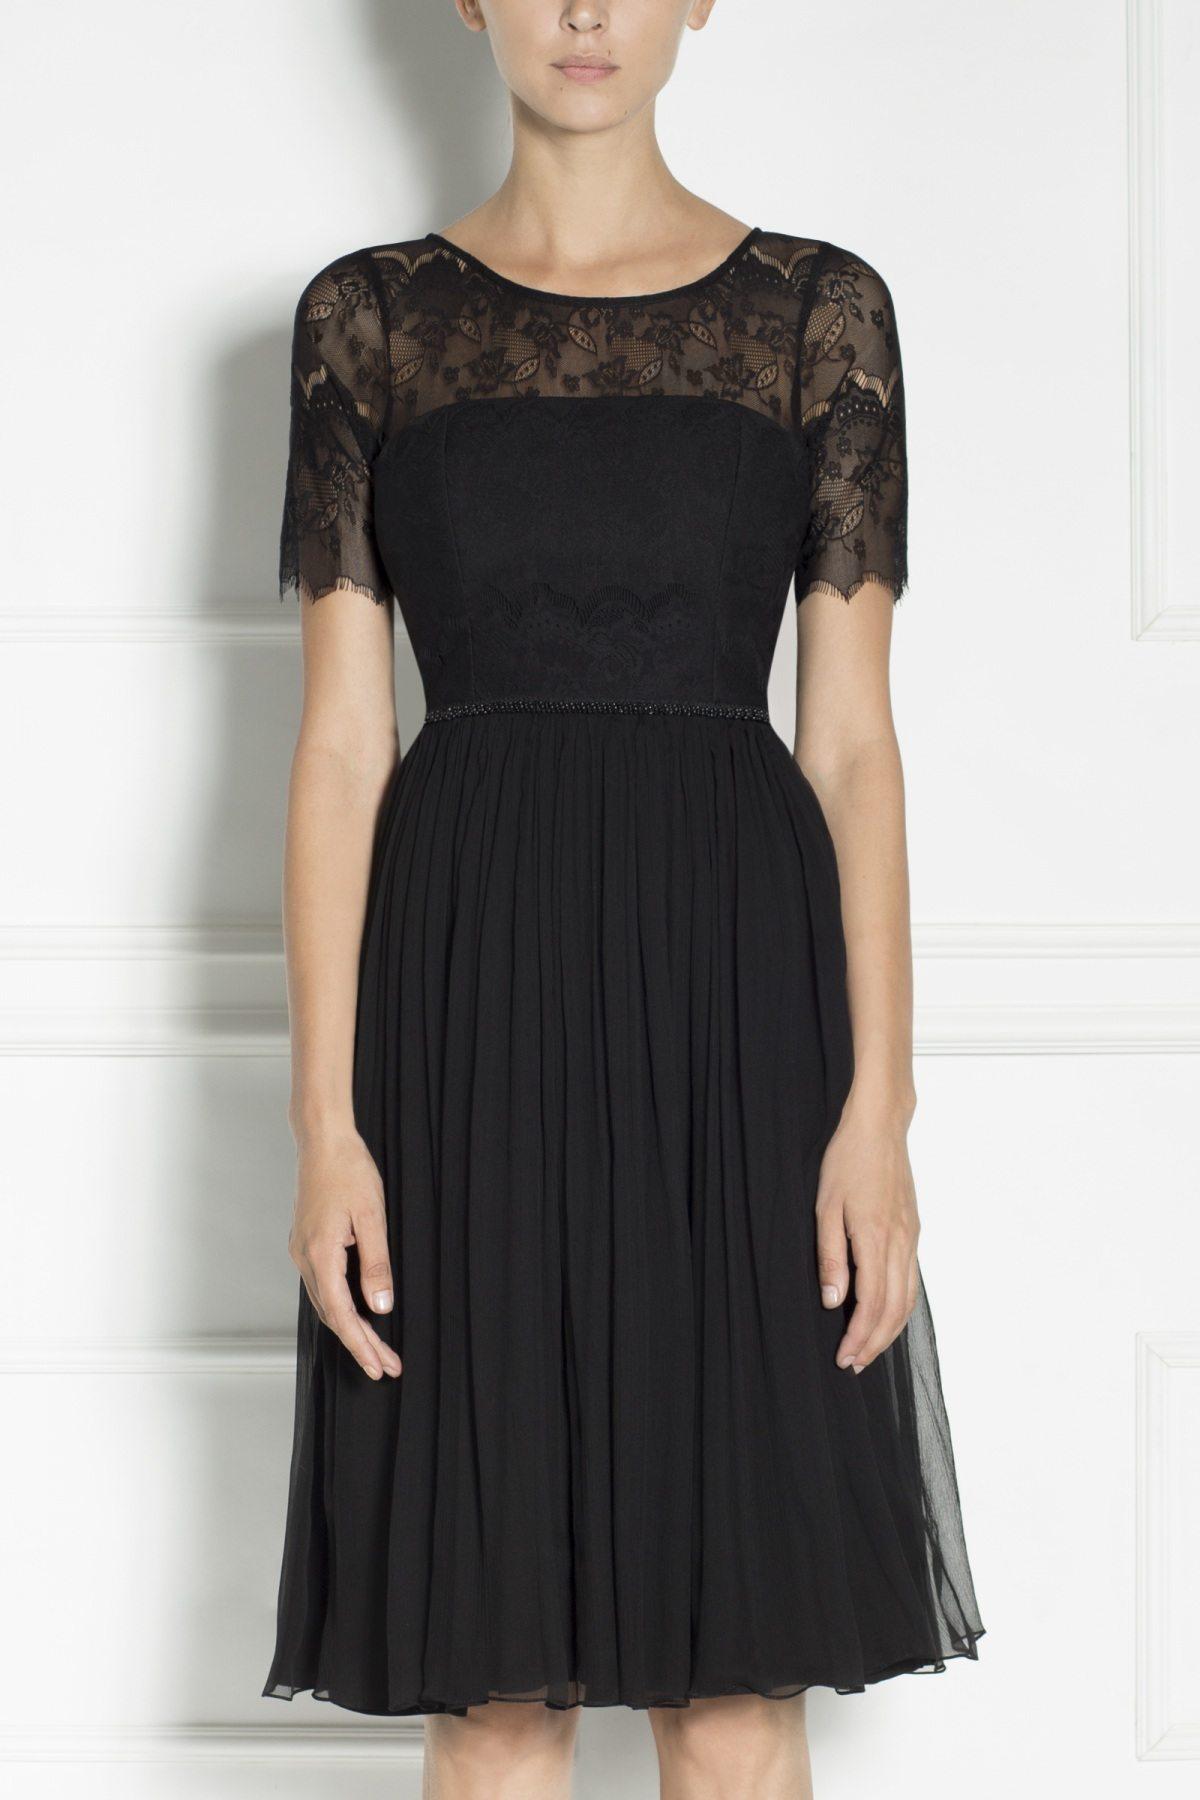 Rochie plisata cu top din dantela Negru